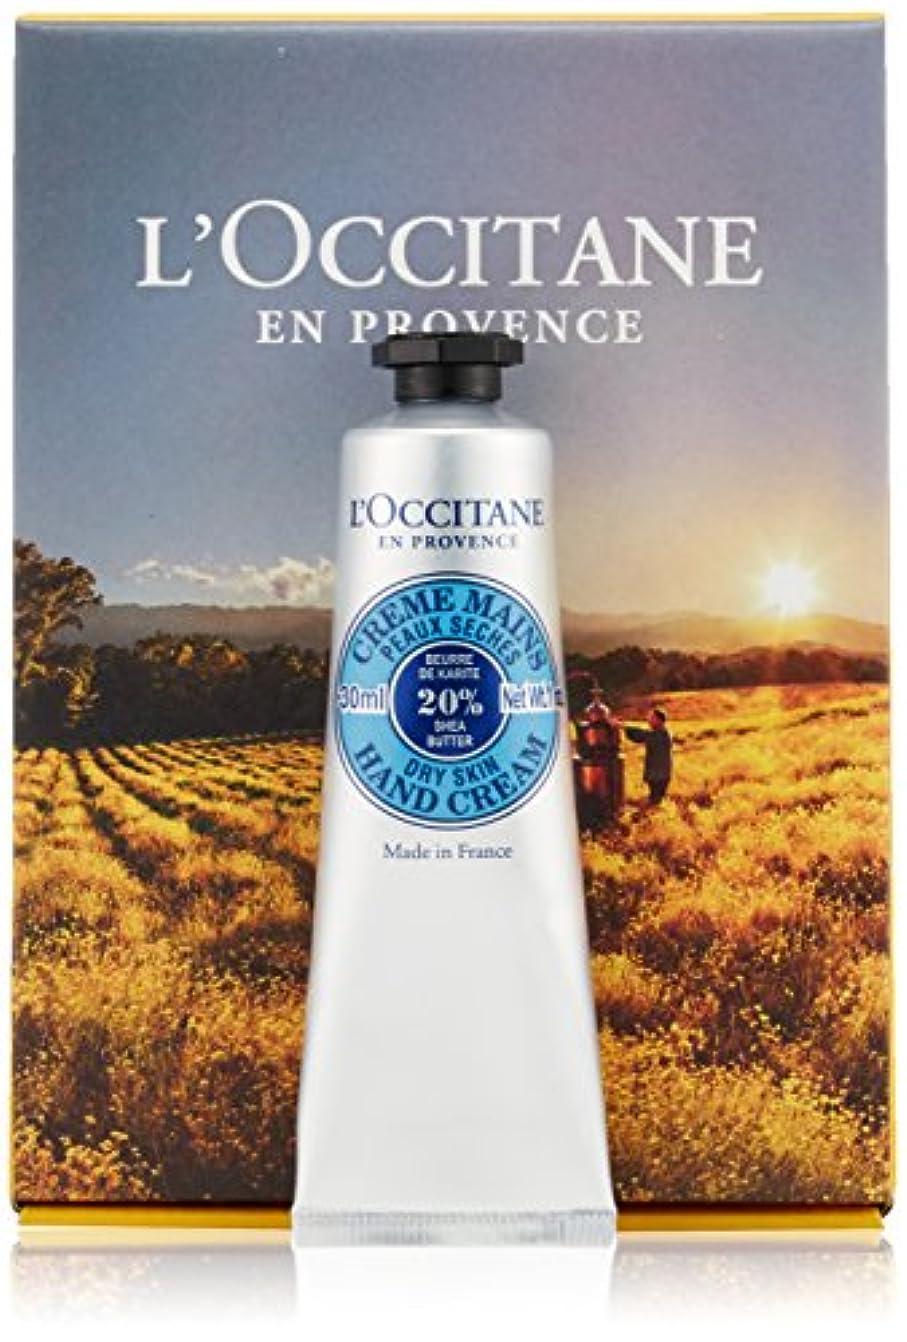 のぞき見肝凍るロクシタン(L'OCCITANE) シアハンドクリーム 30ml BOX入り